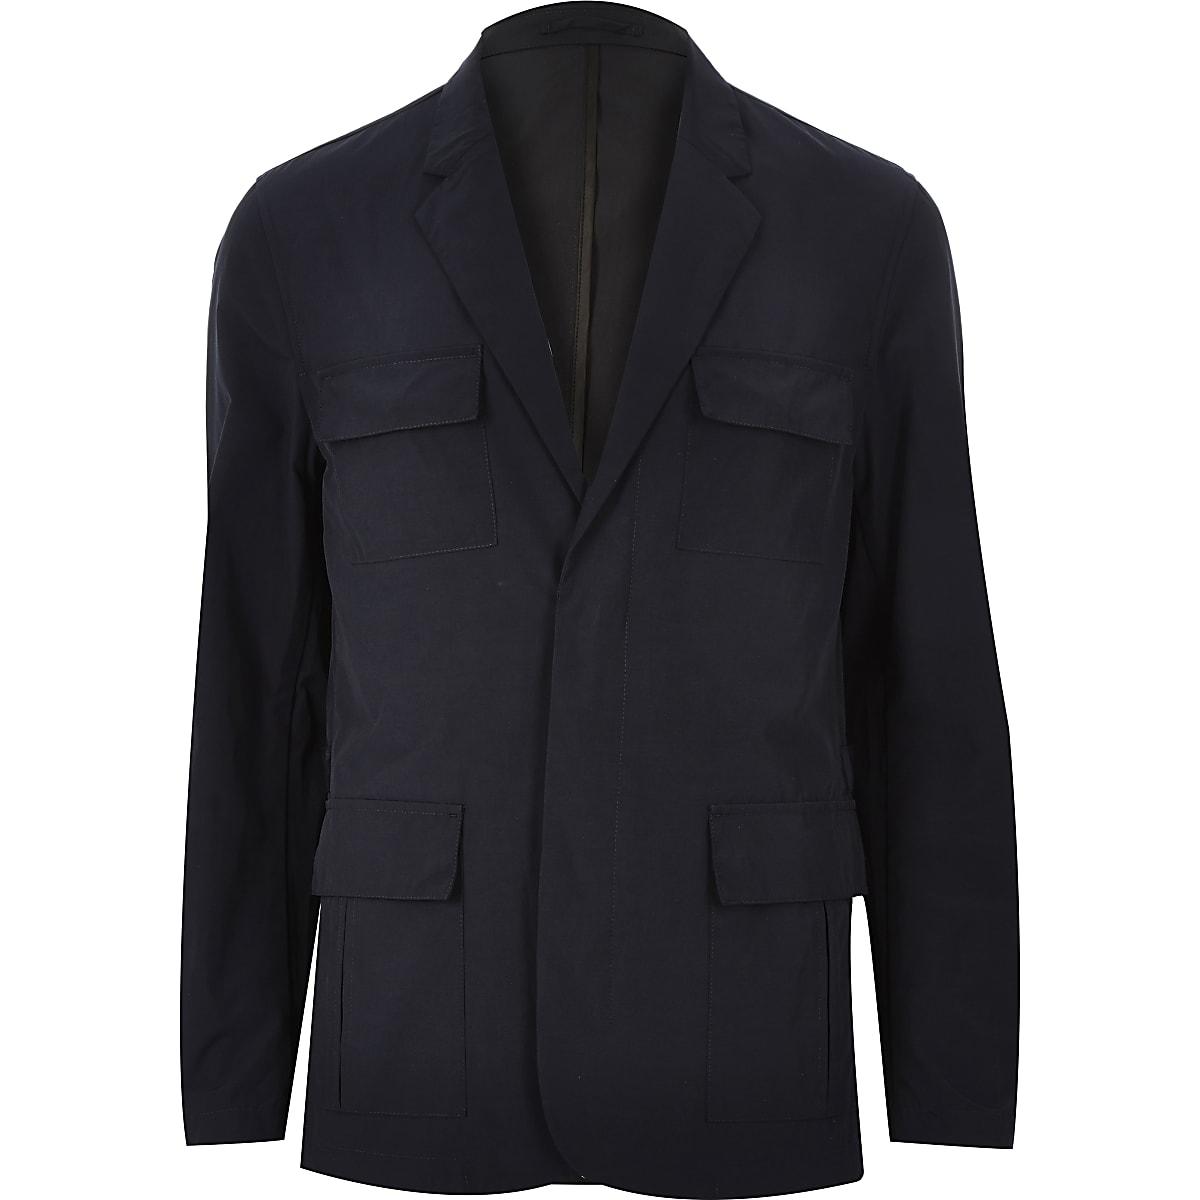 Navy blazer jacket